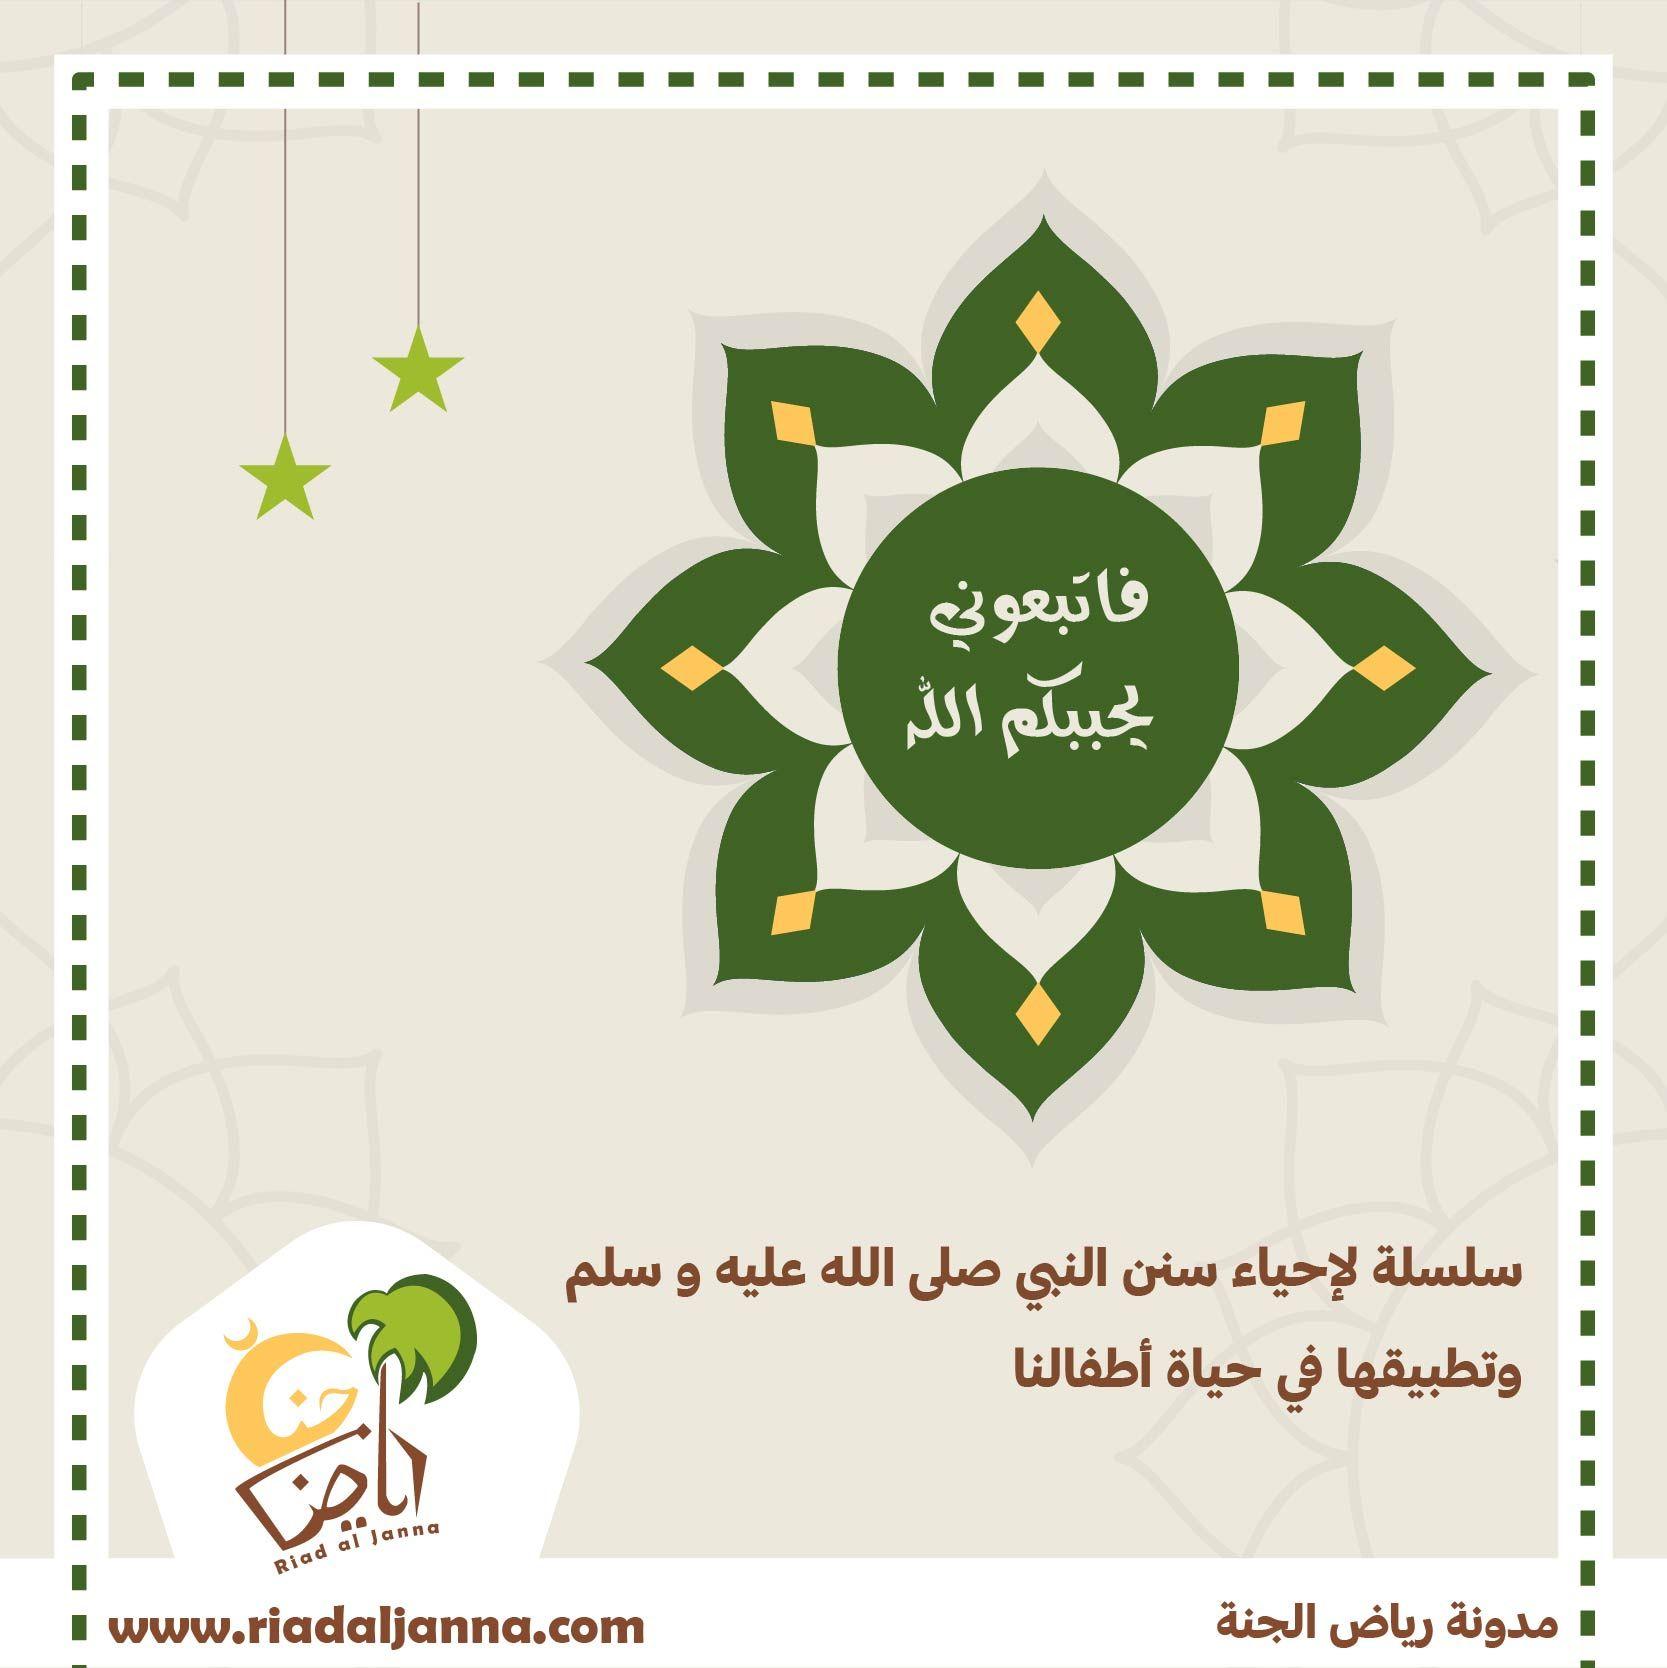 رياض الجنة الصفحة 2 من 18 مطبوعات دعوية و تعليمية هادفة وممتعة Arabic Kids Islamic Books For Kids Islam For Kids